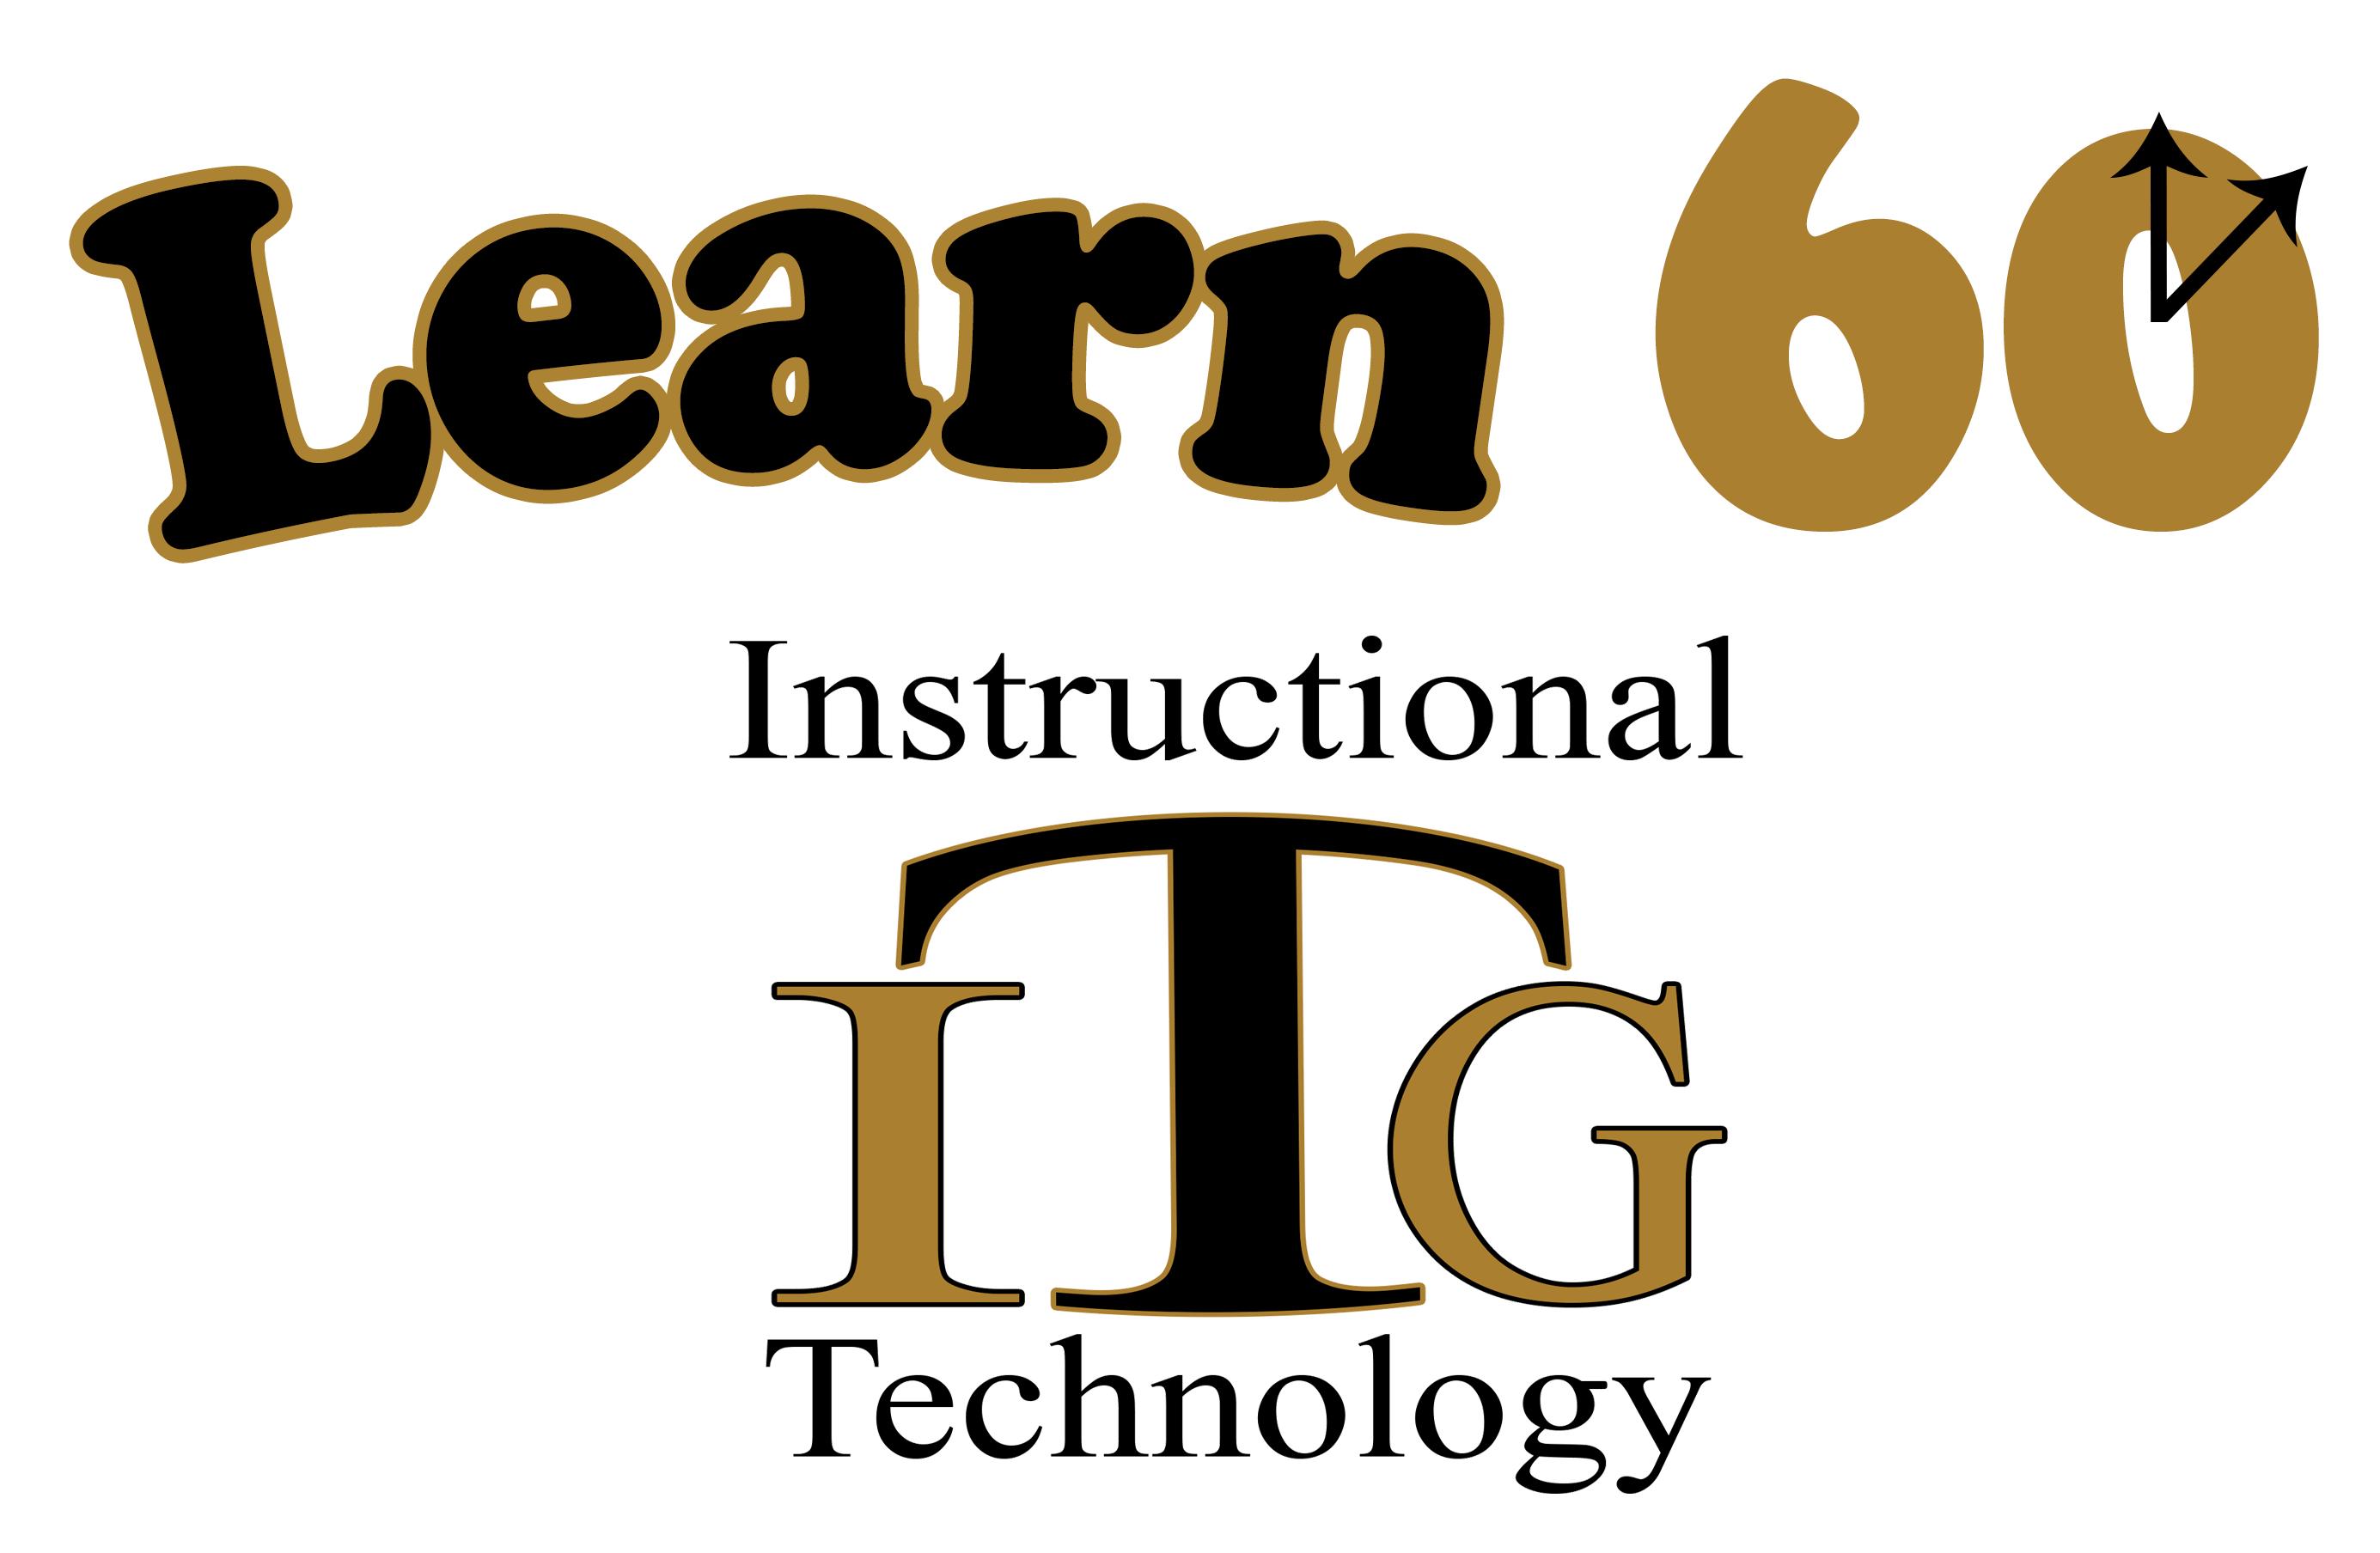 2018 Learn60